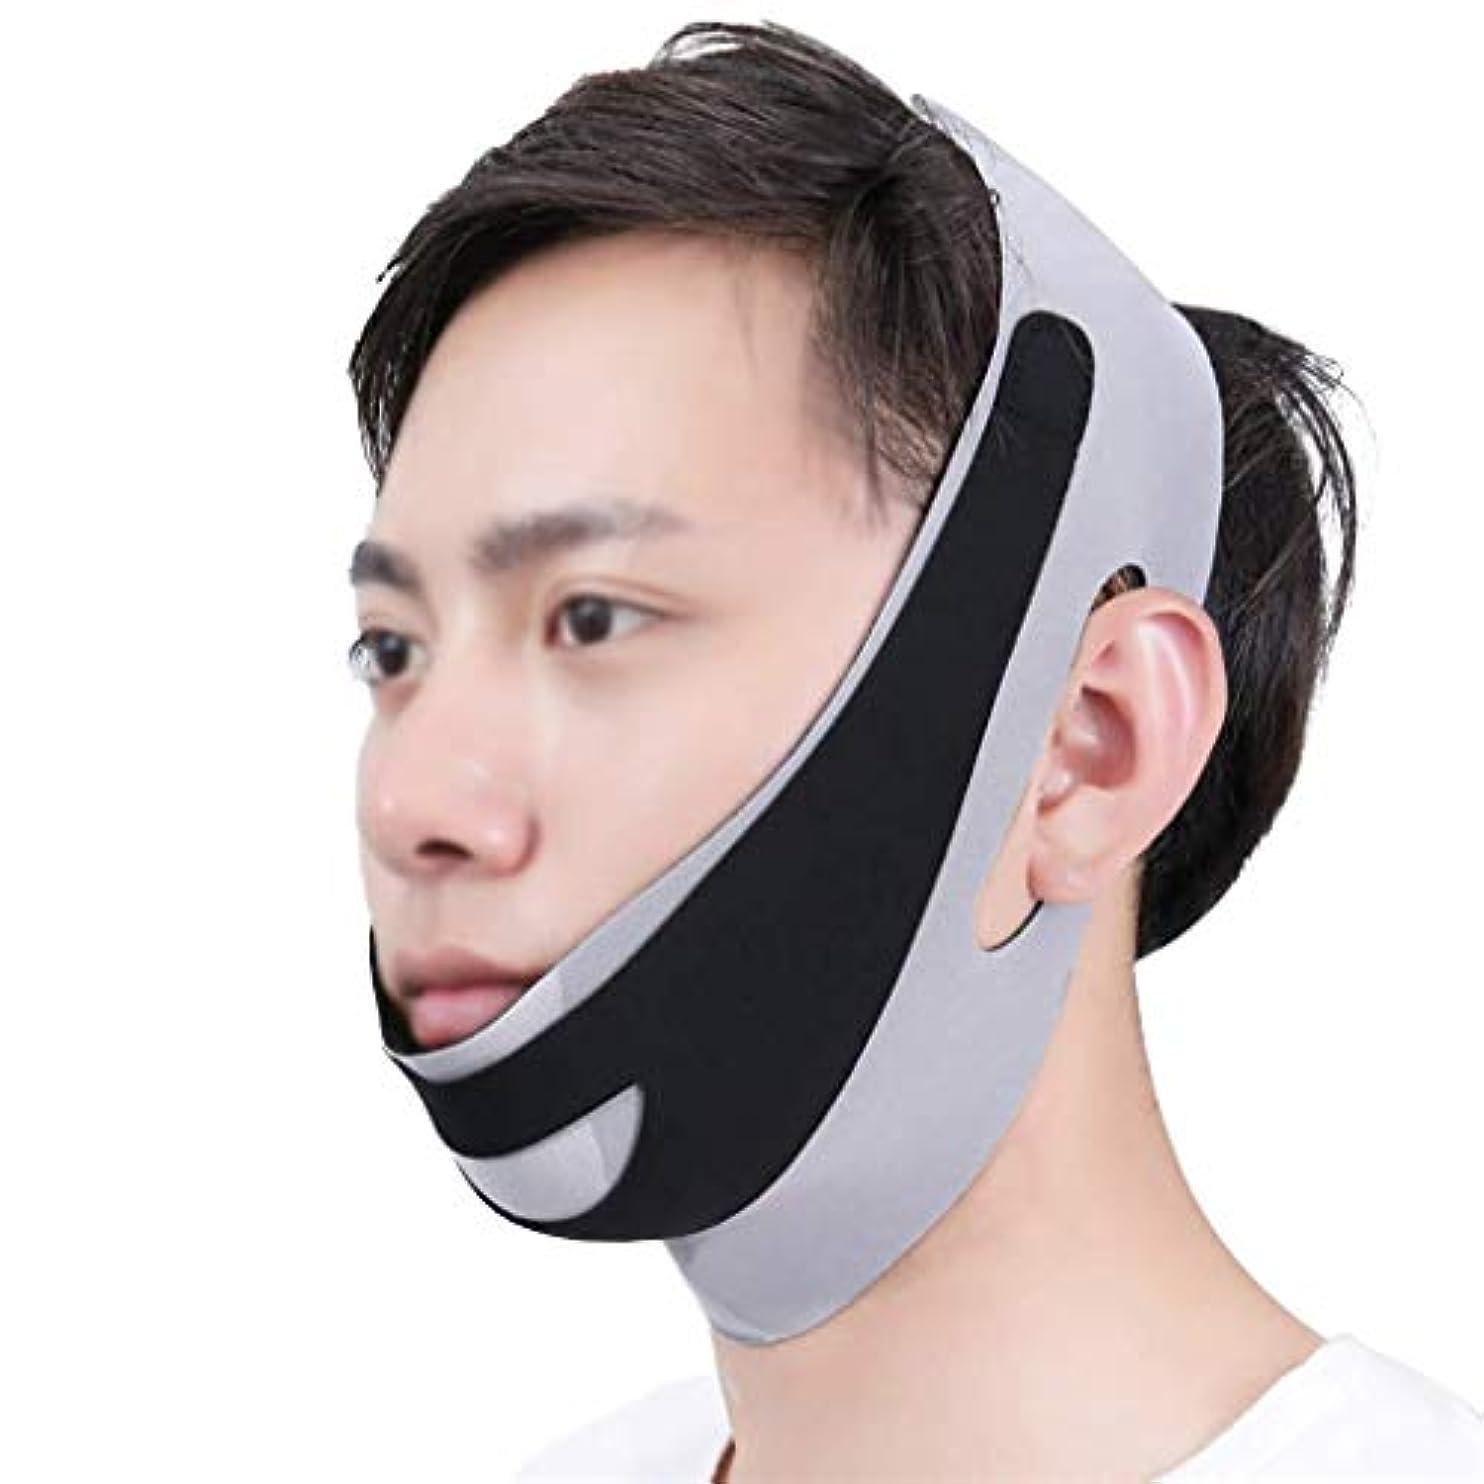 コンピューターを使用するやる天国フェイスアンドネックリフト術後弾性フェイスマスク小さなV顔アーティファクト薄い顔包帯アーティファクトV顔ぶら下げ耳リフティング引き締め男性の顔アーティファクト